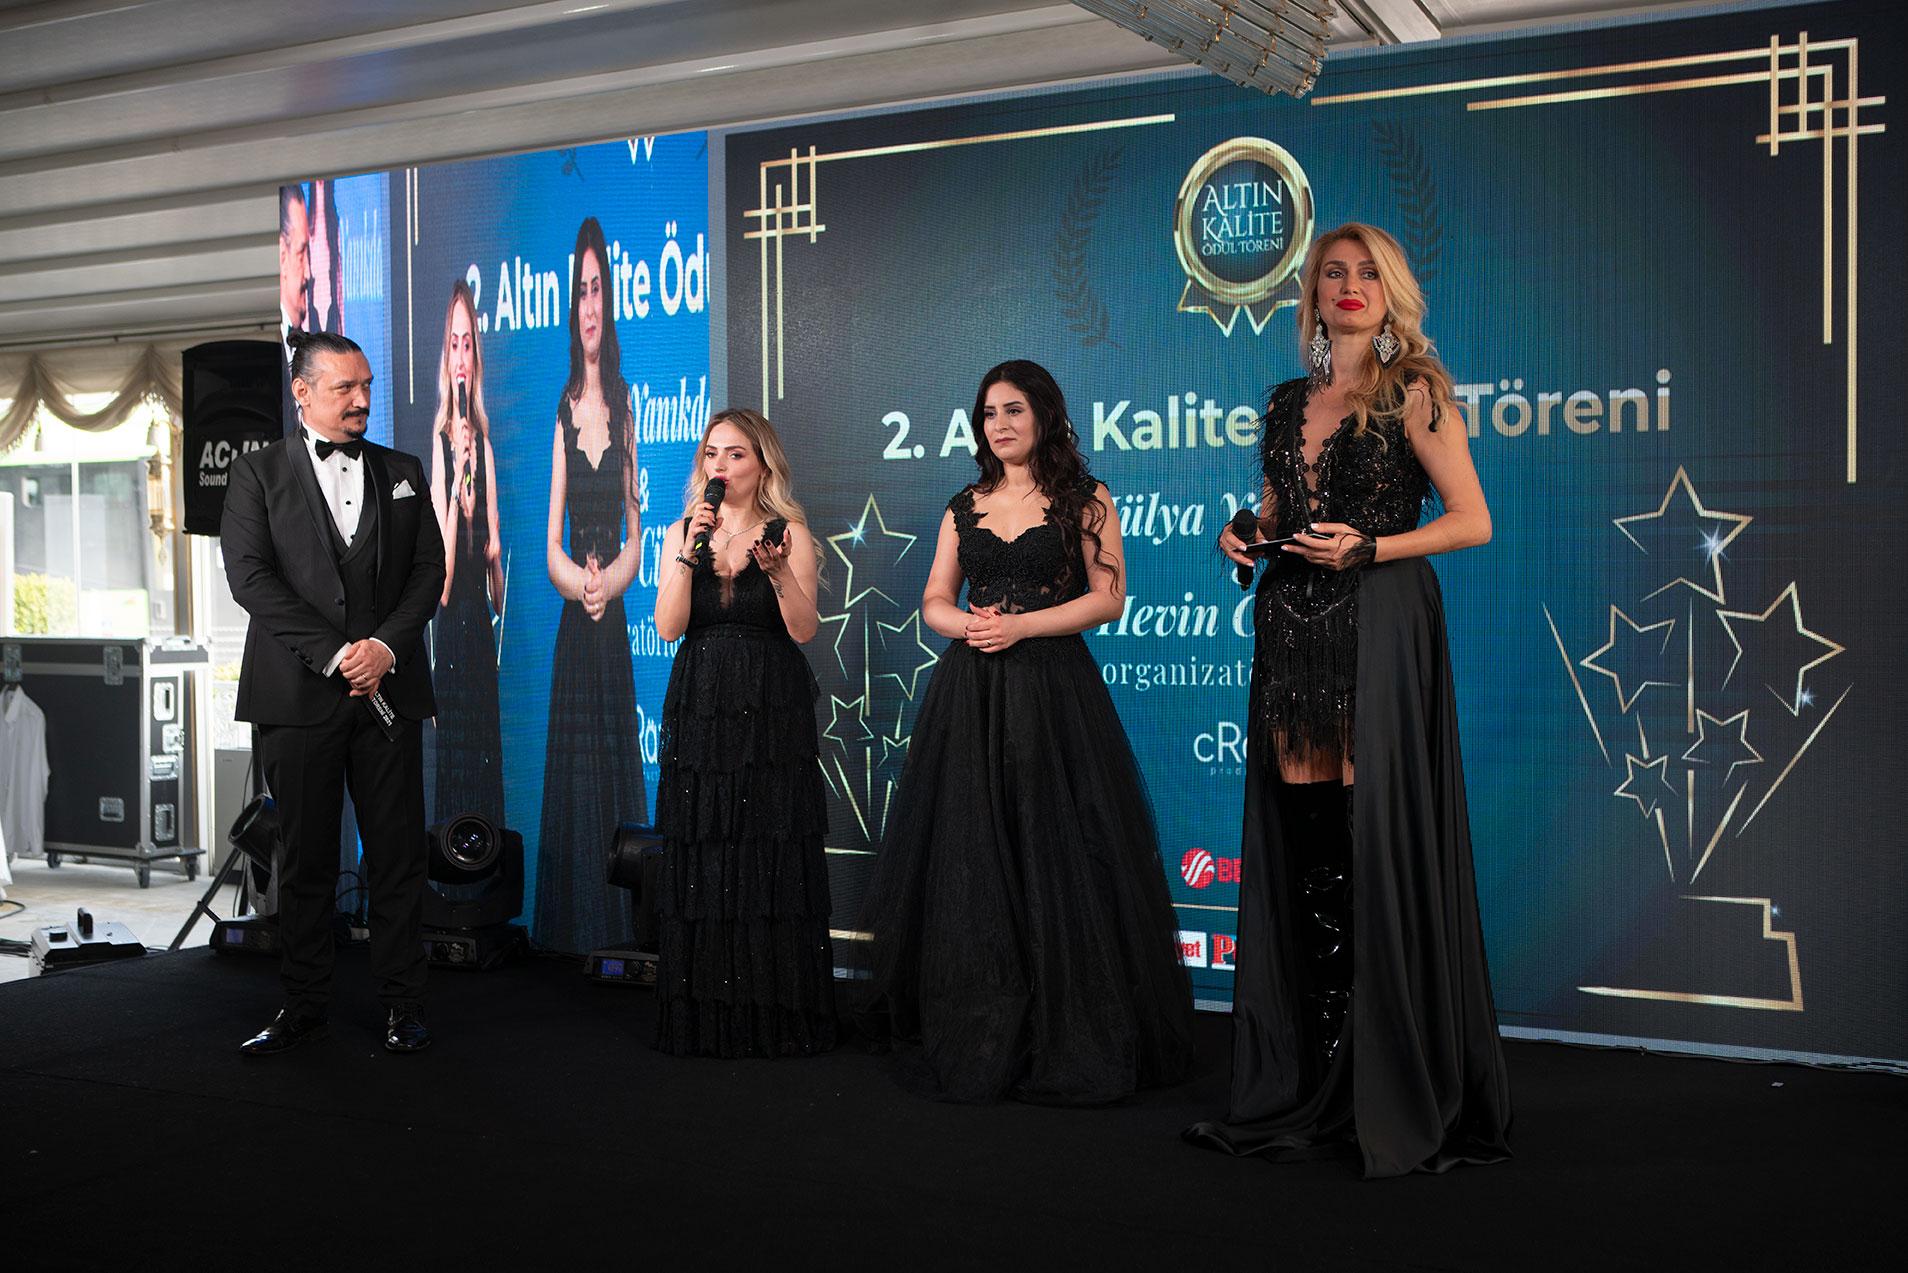 Hülya Yanıkdağ ve Hevin Cümsen farkı İle 3. Altın kalite ödül töreni geliyor.